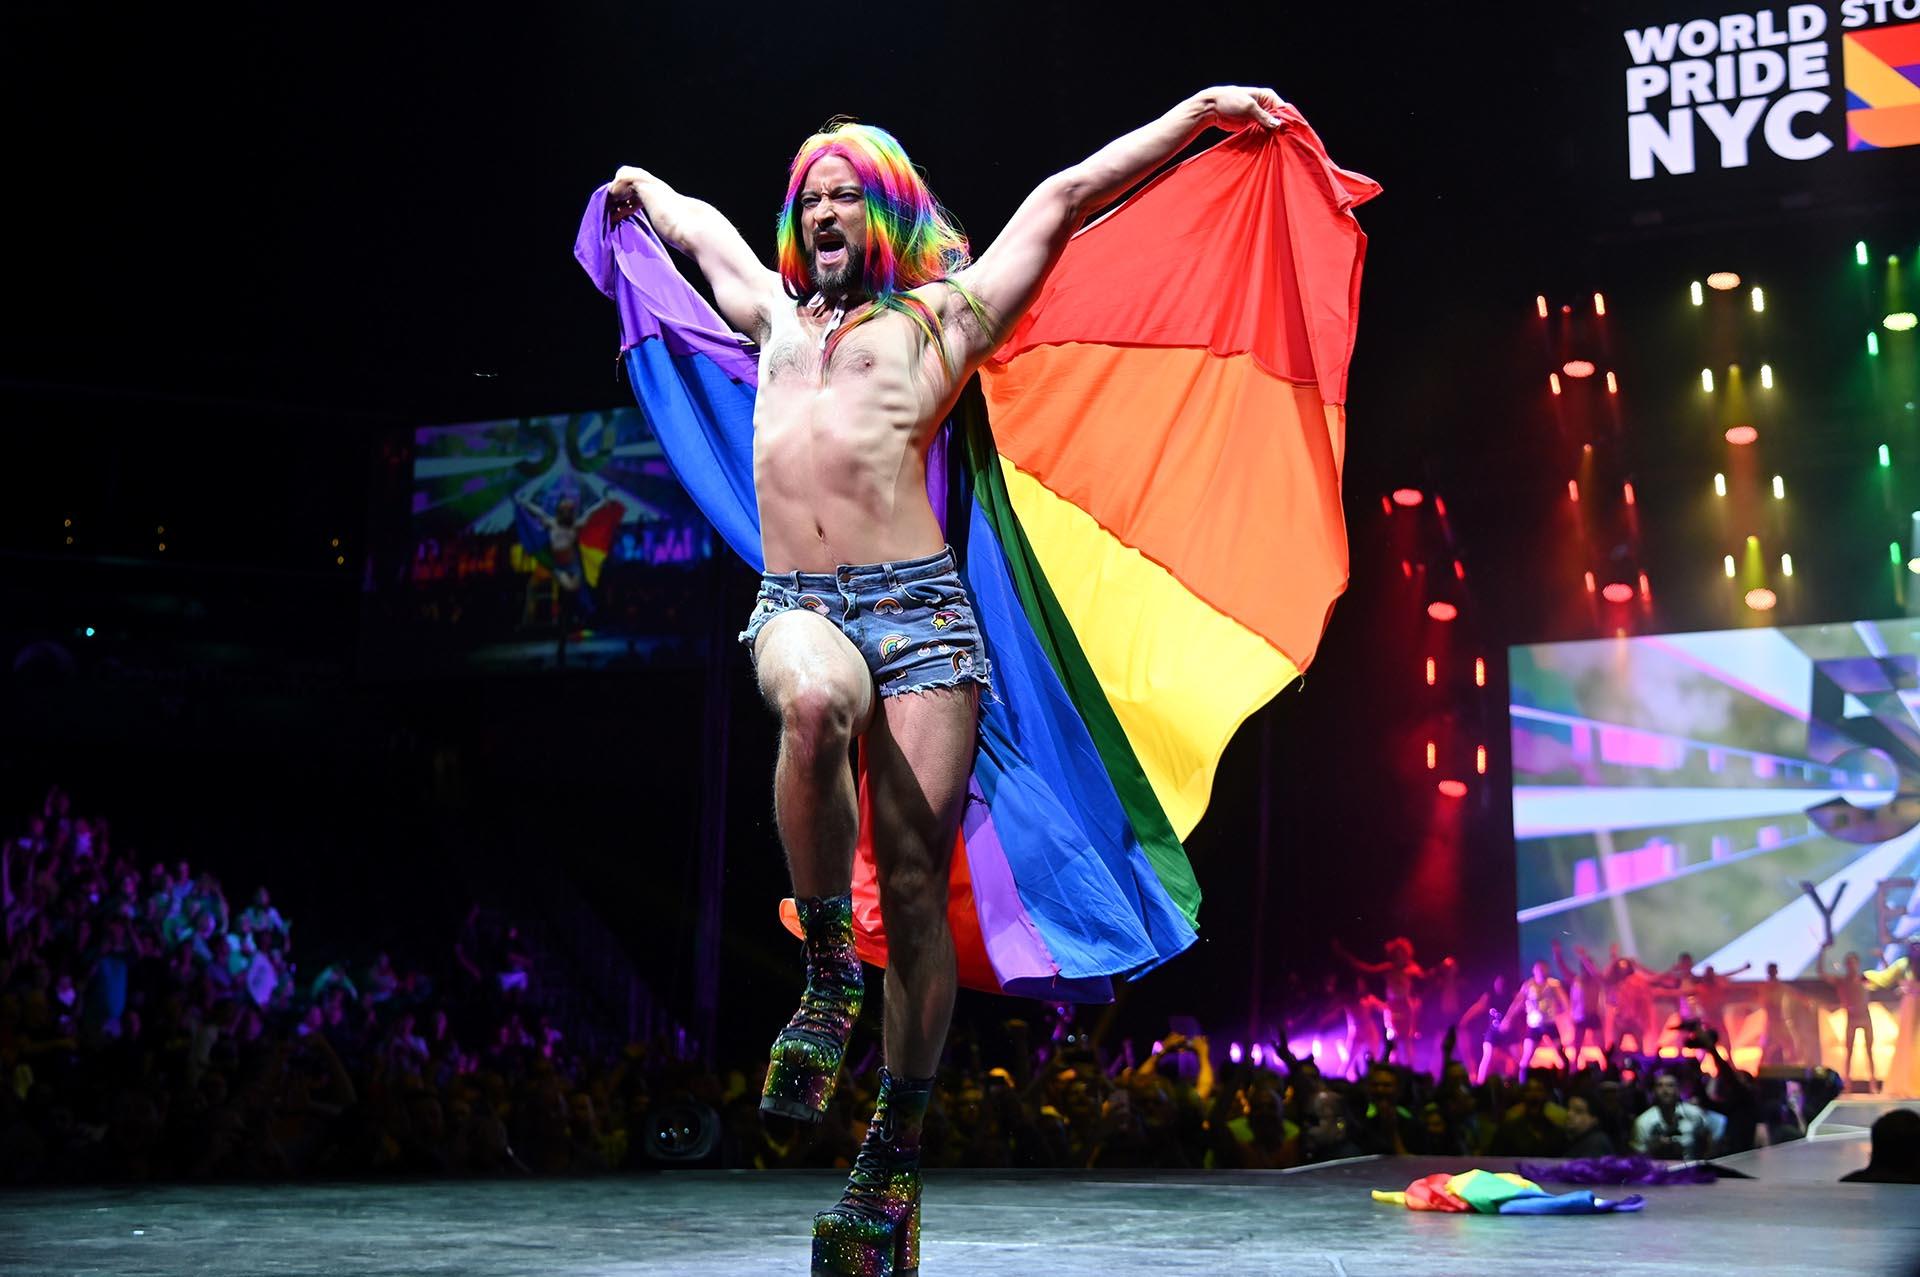 Los shows de drag queens tampoco faltaron en el World Pride 2019 de Nueva York de este 2019